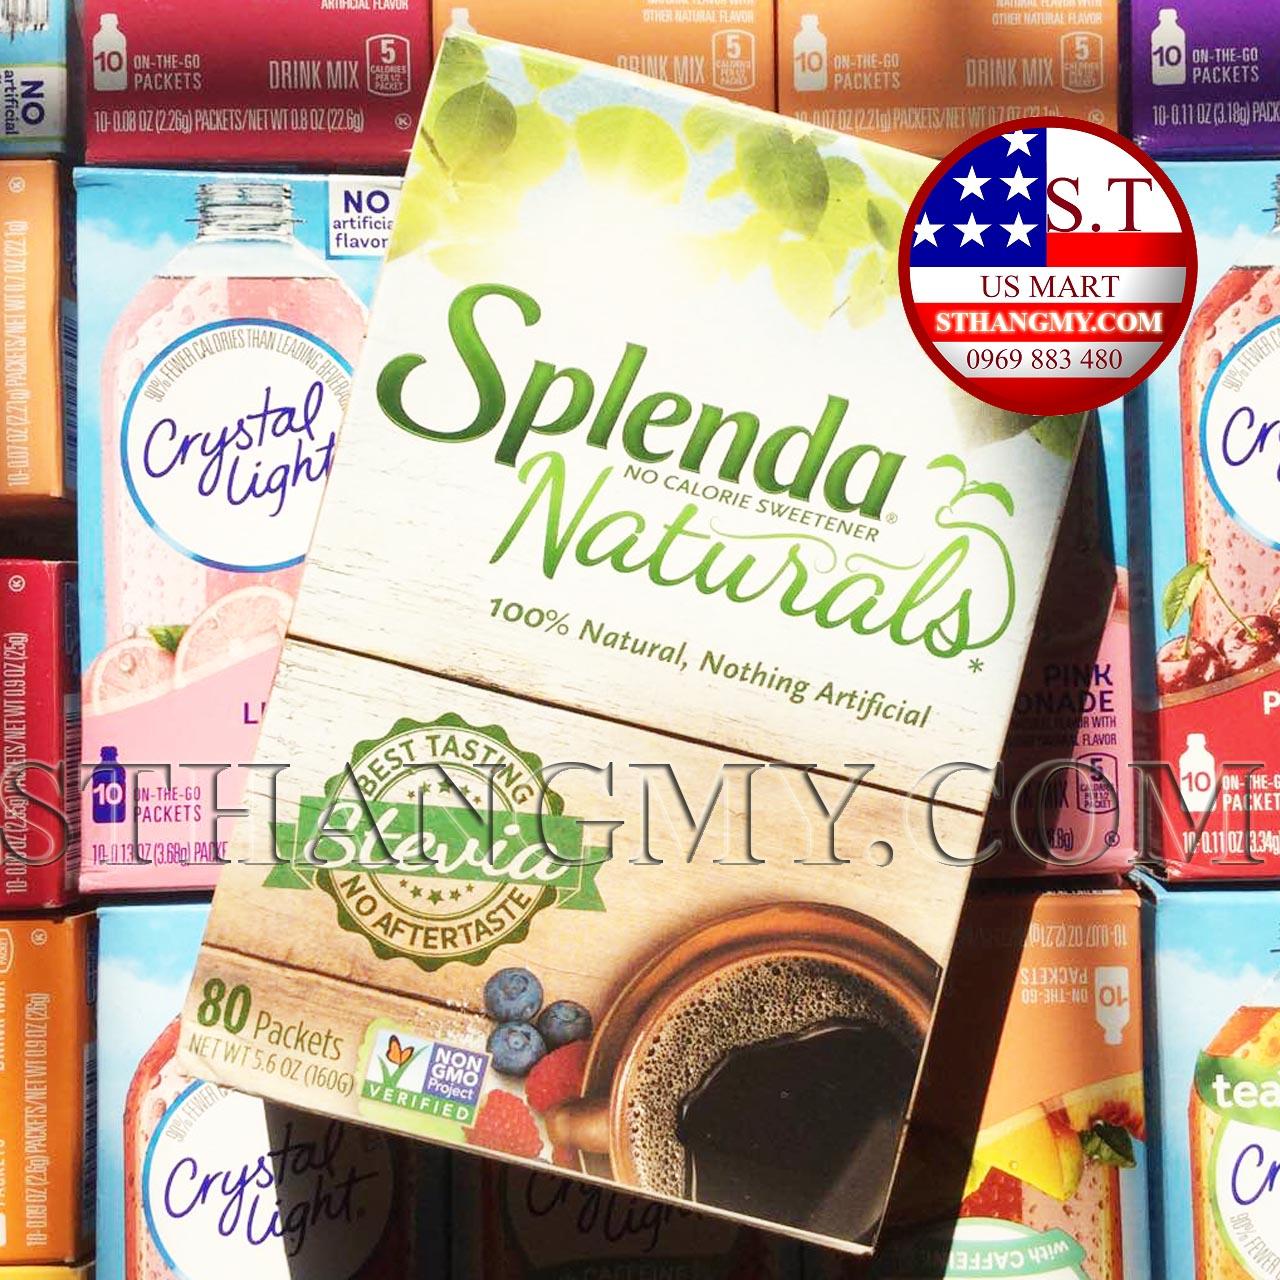 Đường ăn kiêng Splenda Natural Stevia (cỏ ngọt) hộp 80 gói - Đường cho người ăn kiêng